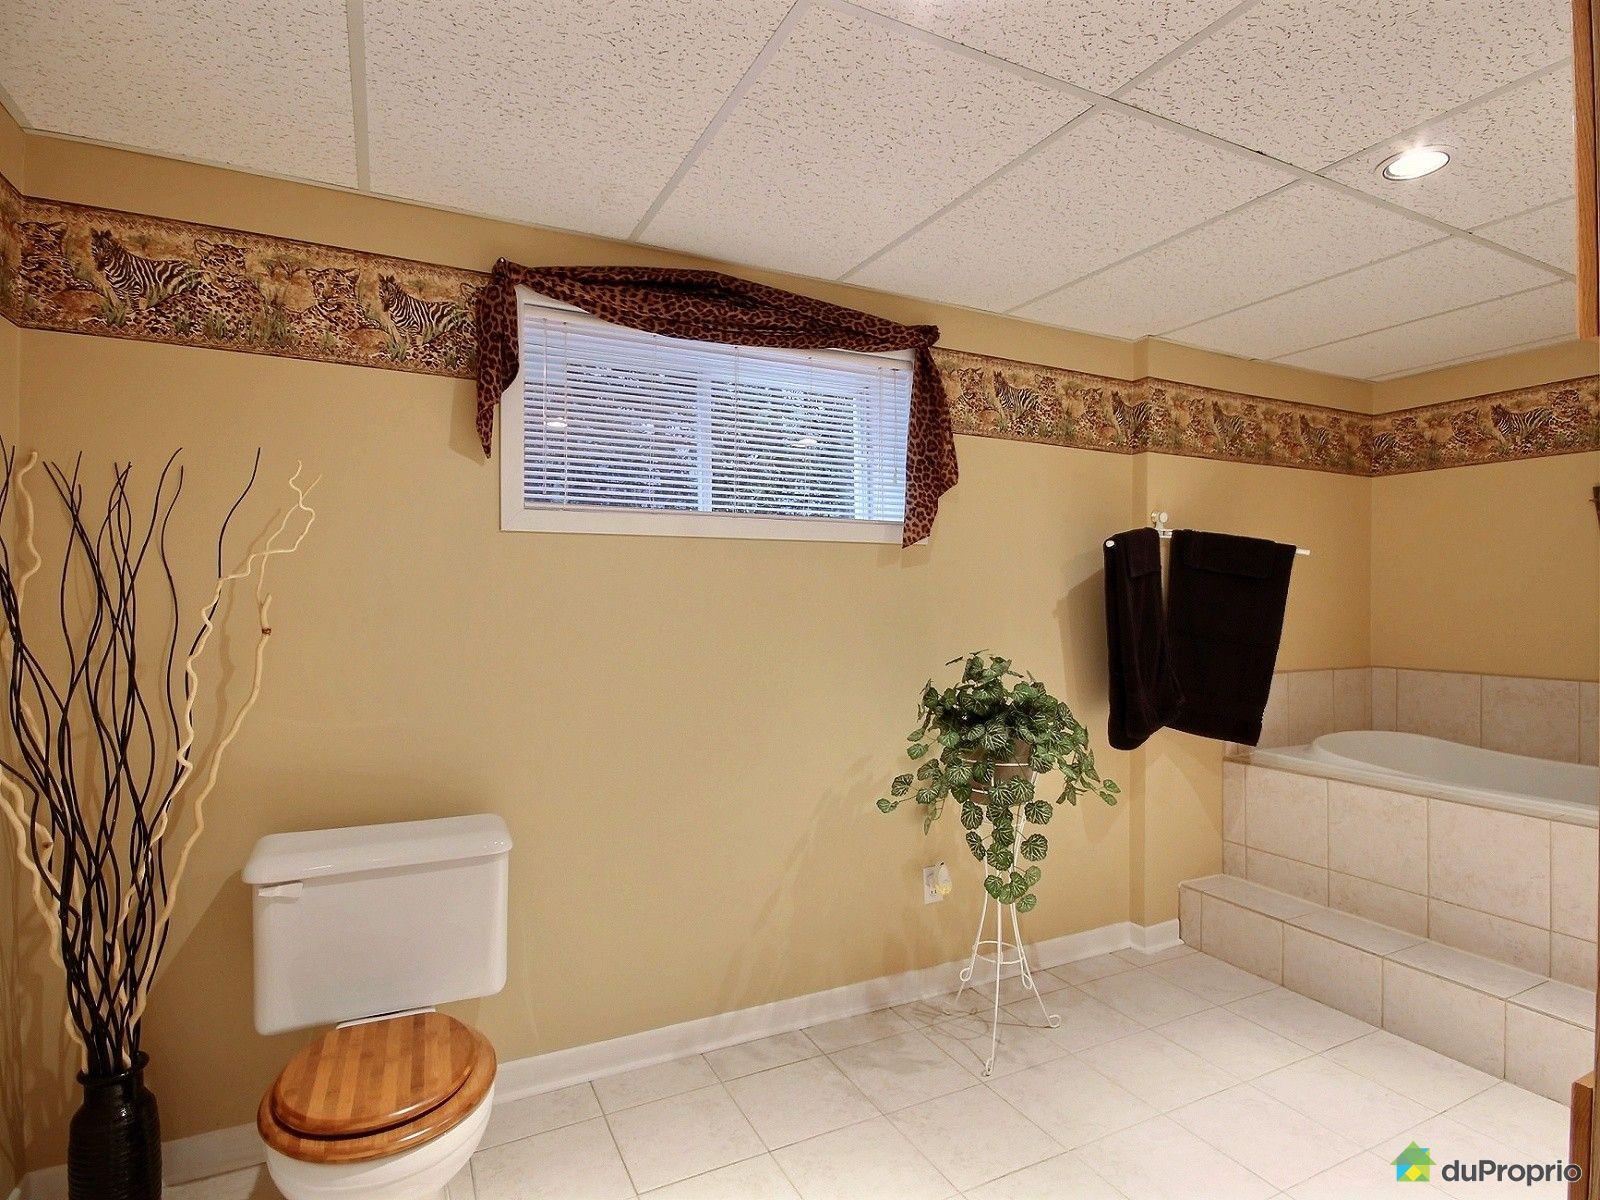 Maison vendu st j r me immobilier qu bec duproprio 671505 for Accessoire salle de bain st jerome